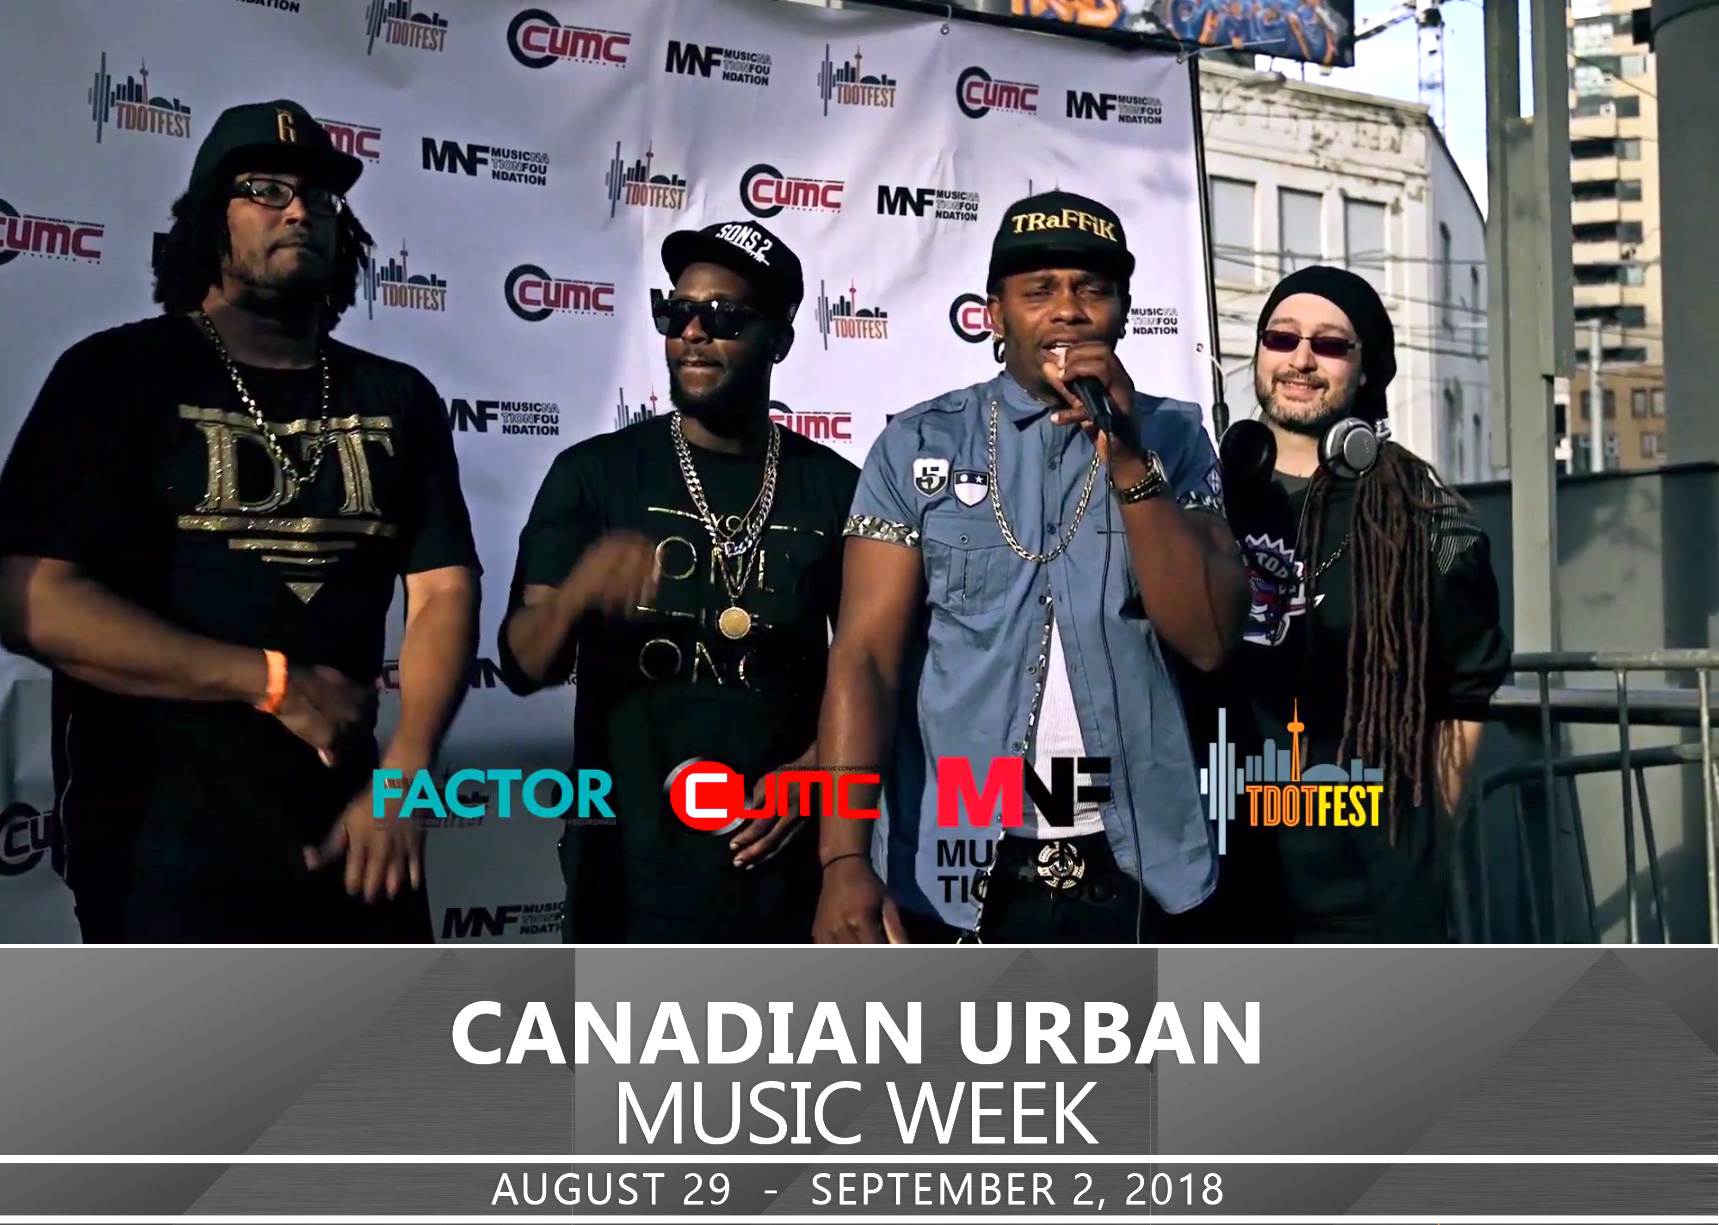 www.CanadianUrbanMusic.com